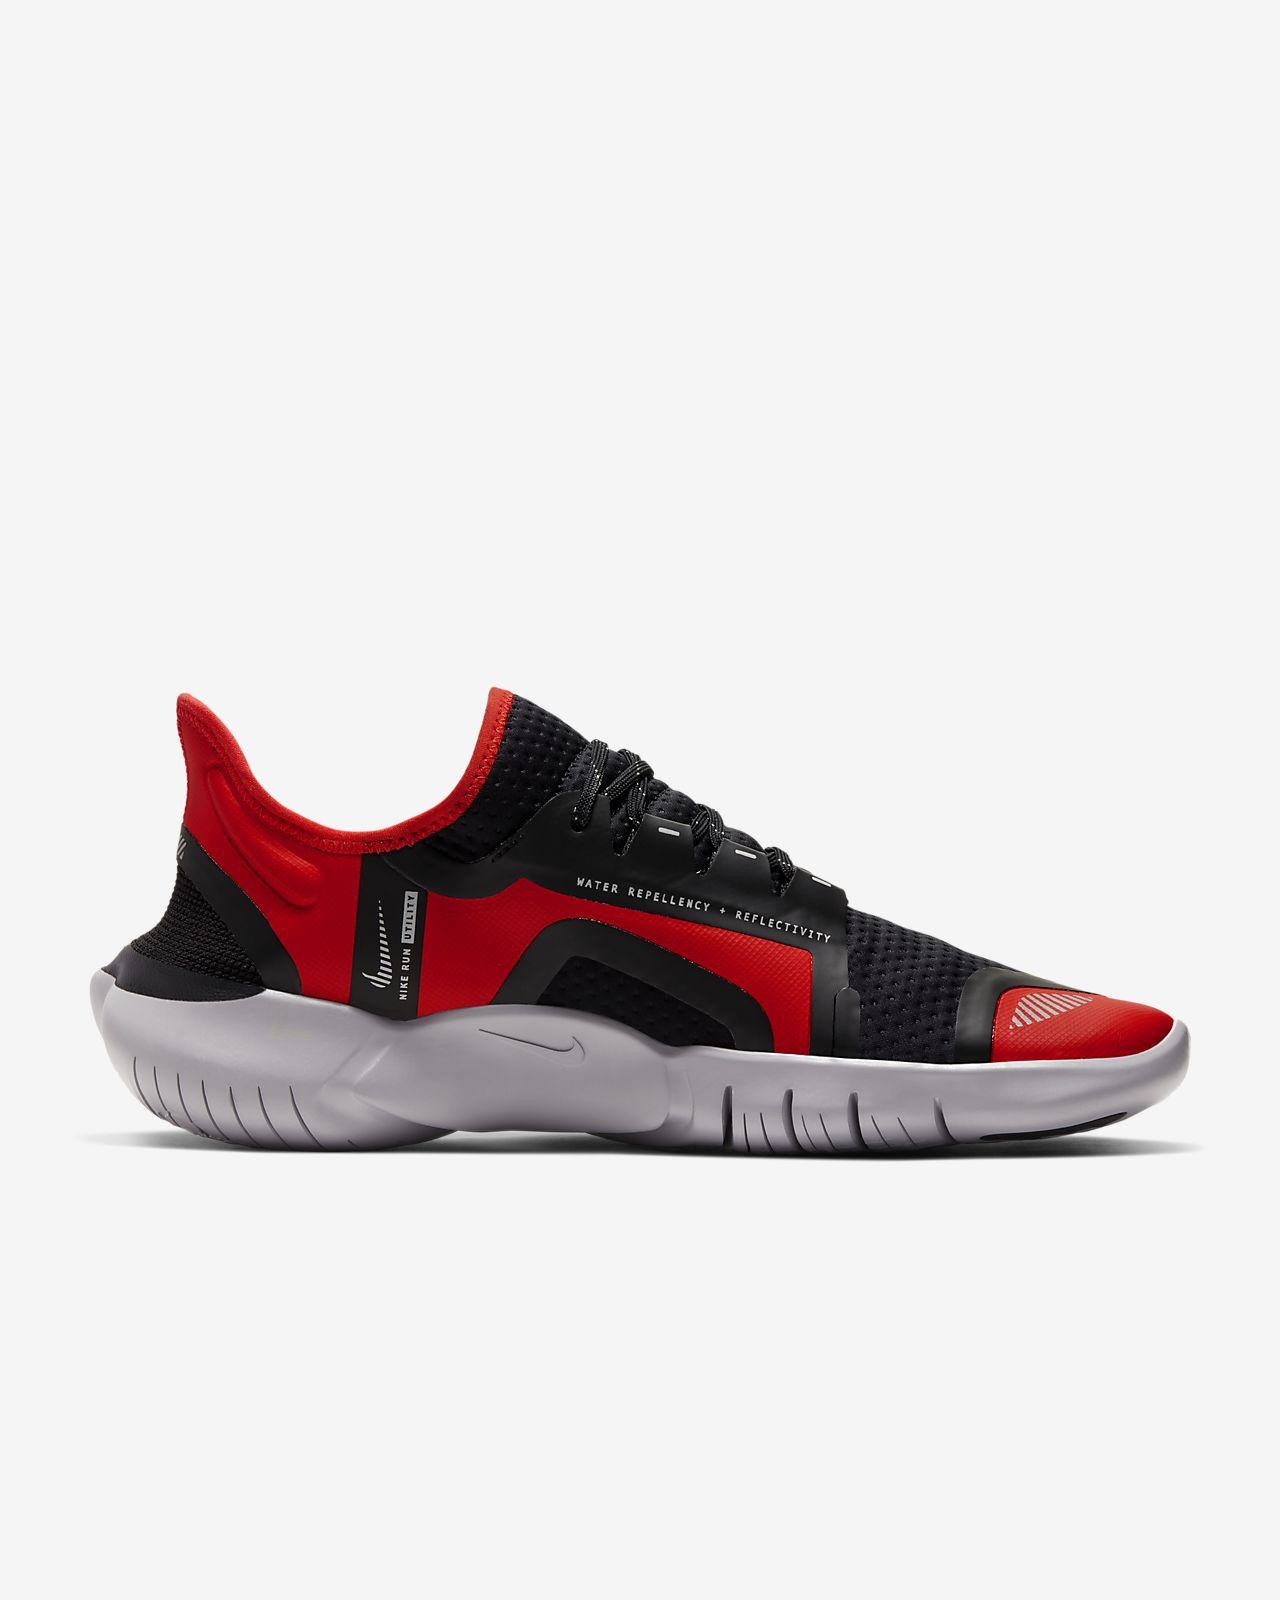 Nike Free RN 5.0 Shield Men's Running